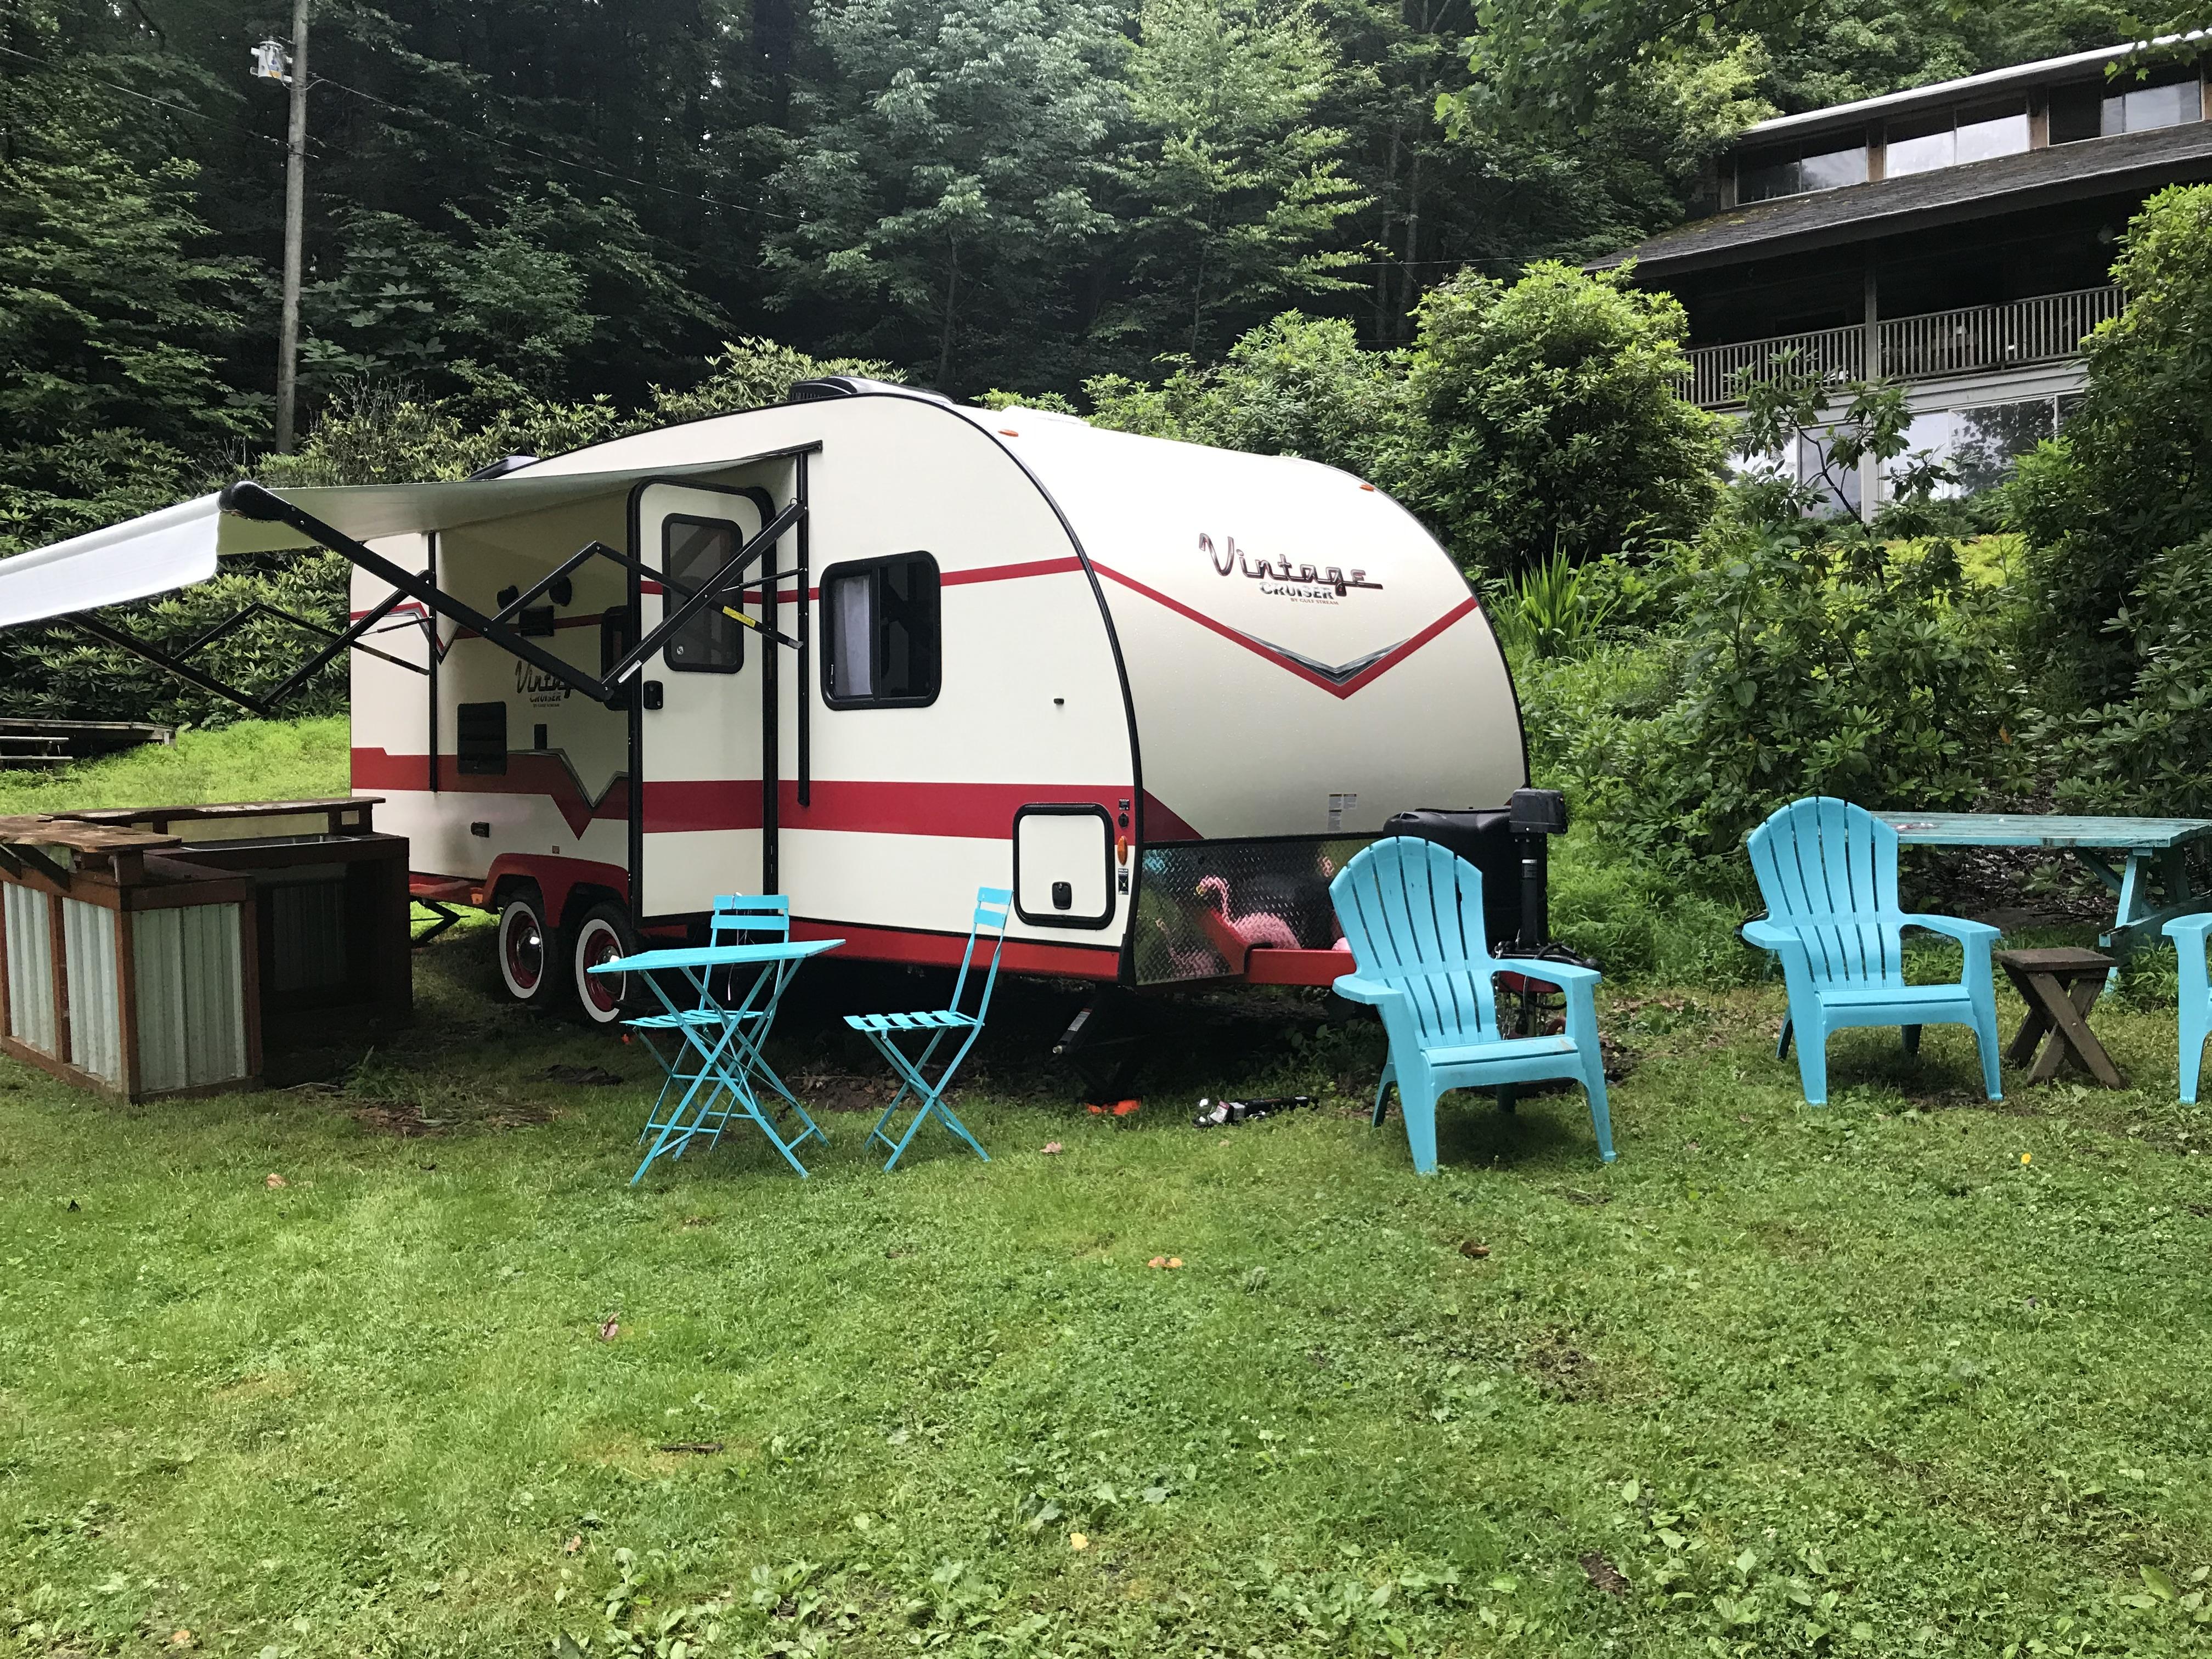 Groovy (New!) Vintage Cruiser Camper- ski close! - Campers/RVs for ...